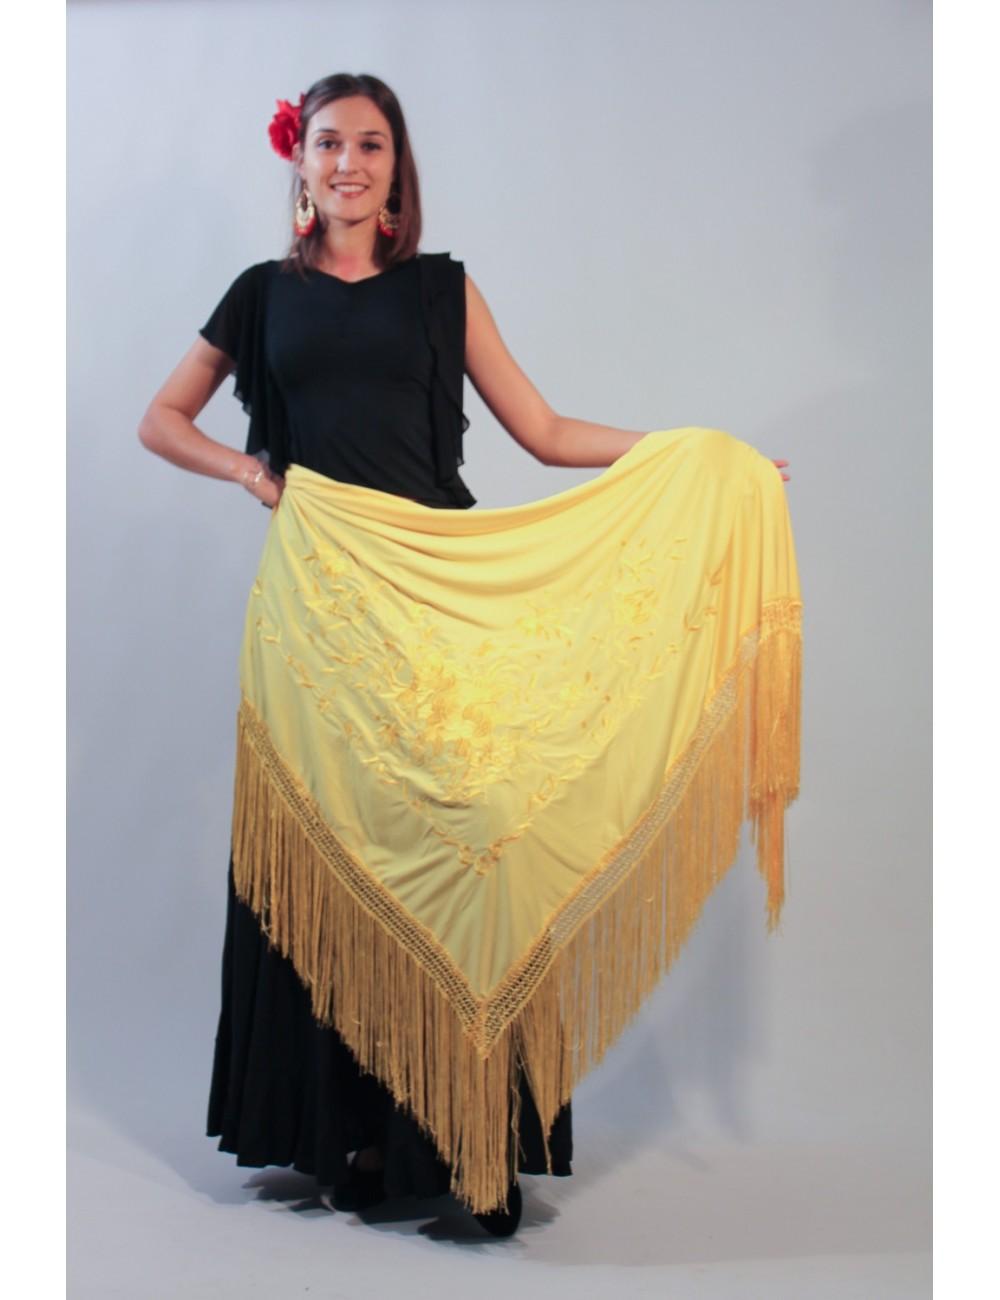 Châle de flamenco jaune brodé Jaune